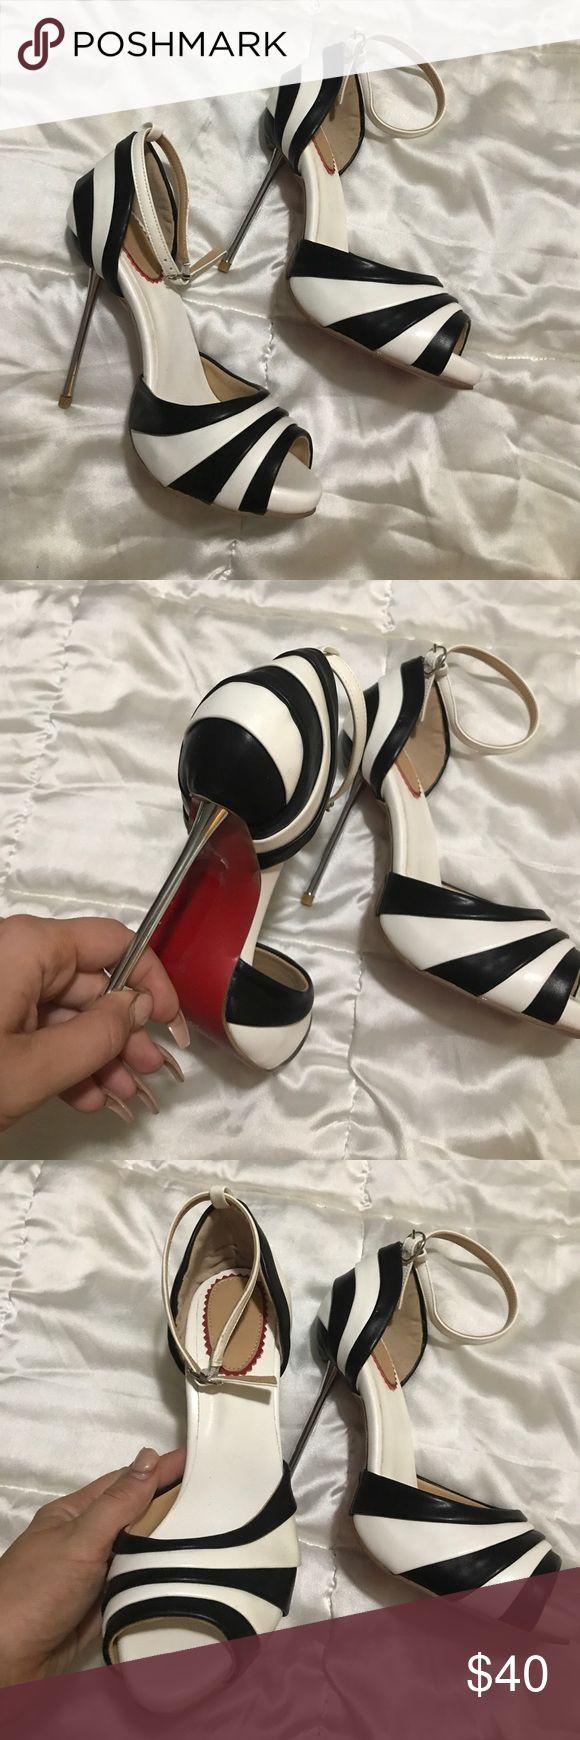 Zebra heels Tall Shoes Heels